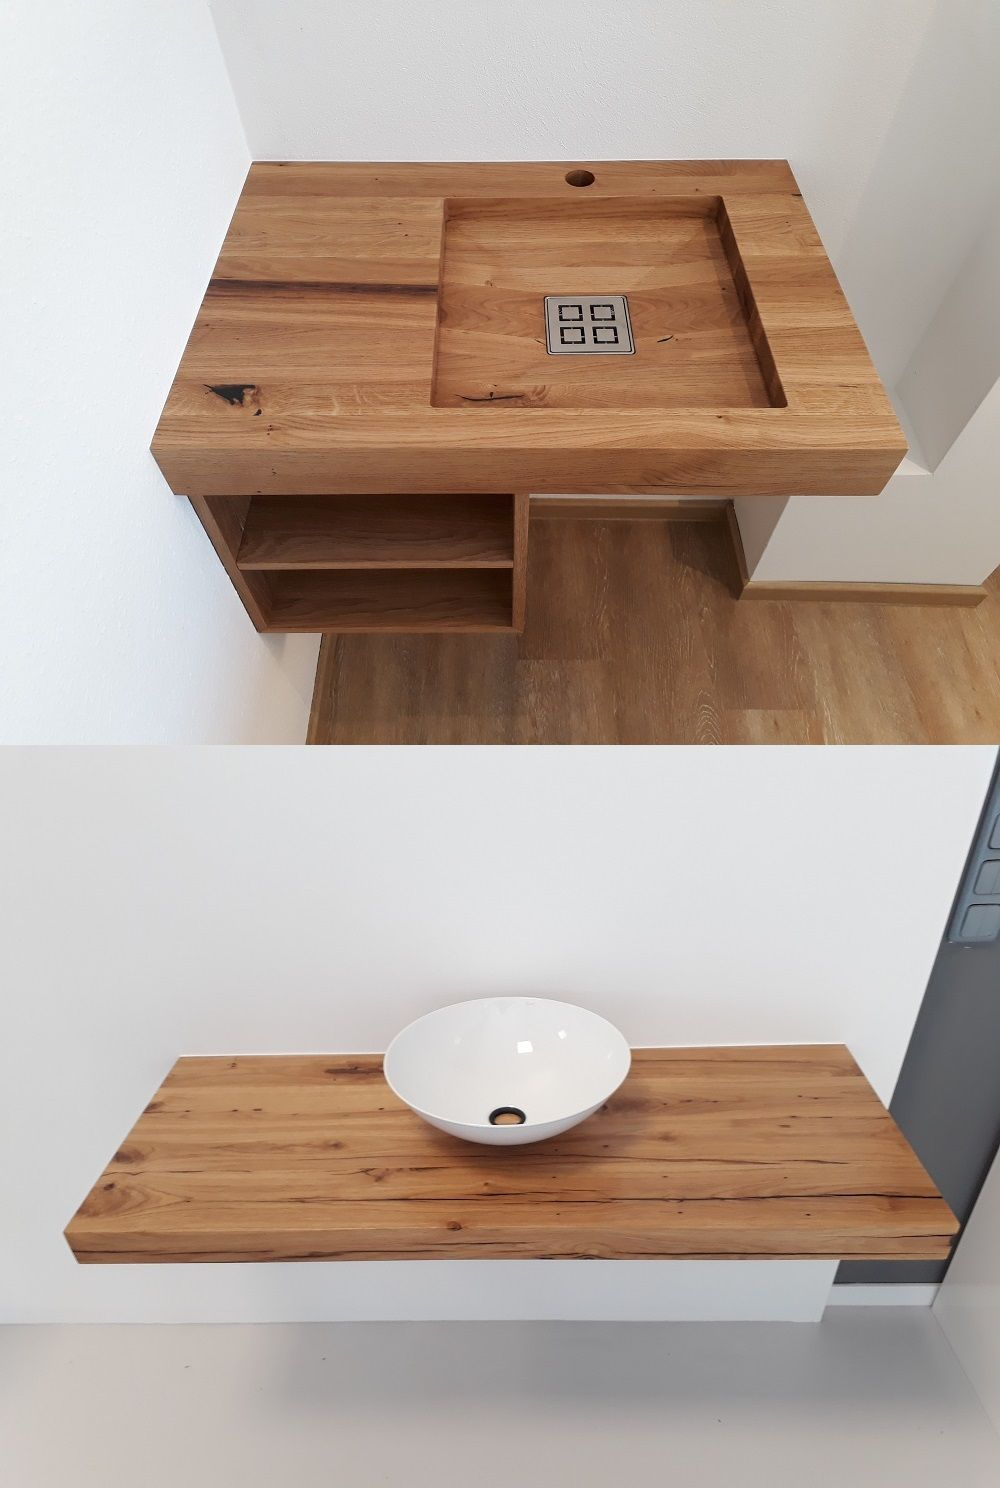 Simple Chic Waschbecken Aus Holz Woodbasin Das Ist Woraus